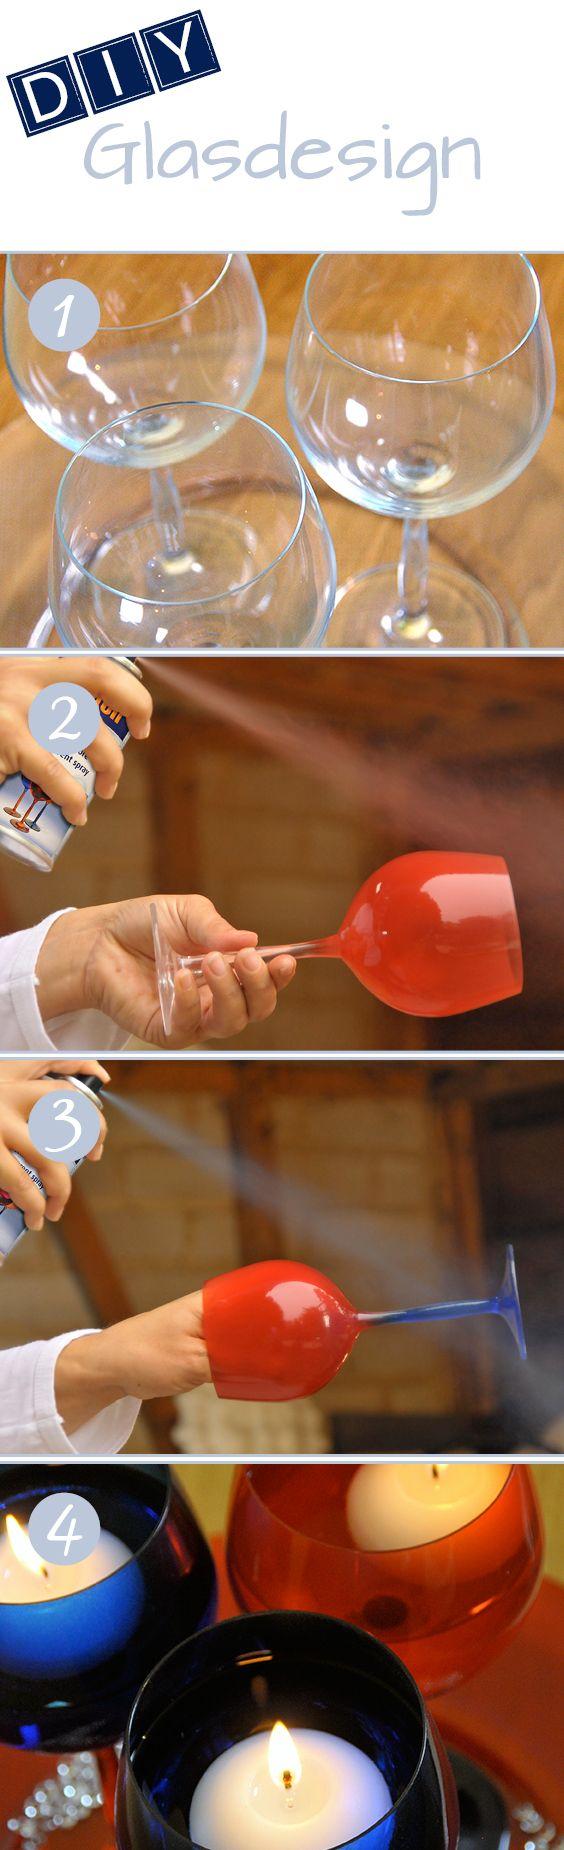 DIY Glasdesign: Mit belton Transparant-Spray günstig und schnell alte Weingläser im neuem Glanz. // DIY Glass design: Old wine glasses looks brand new with the convinient and easy belton transparent spray.